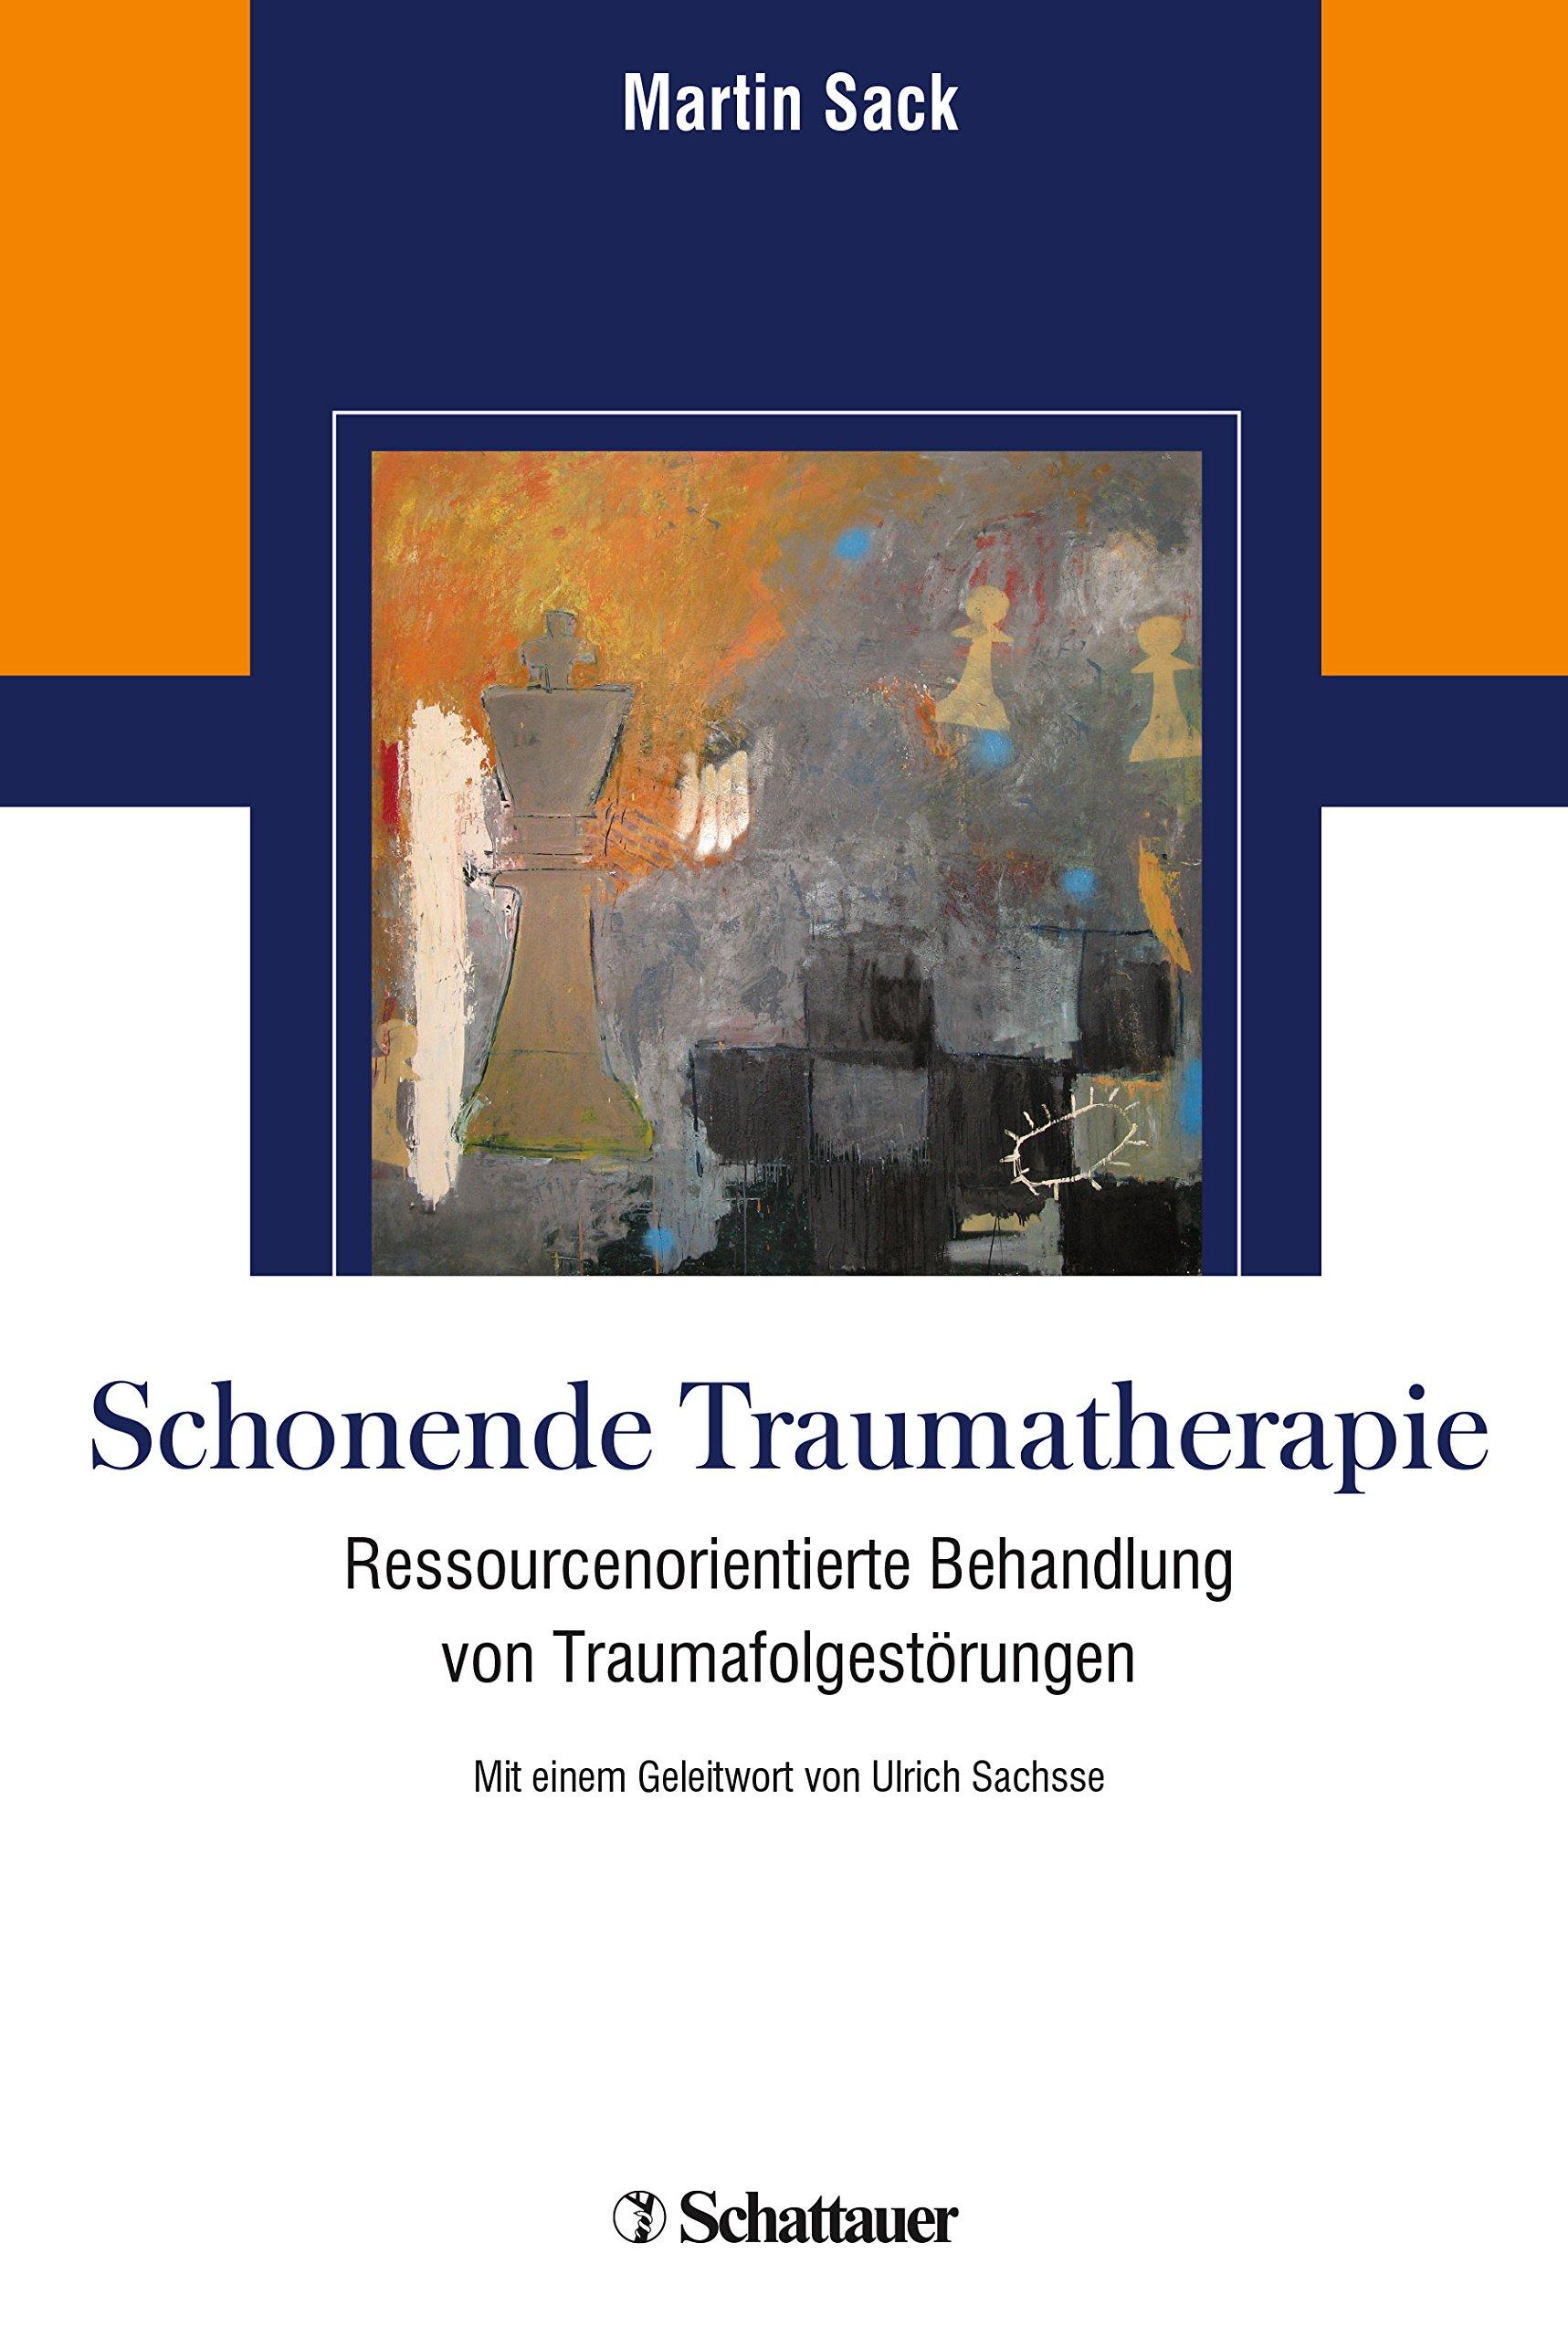 Schonende Traumatherapie: Ressourcenorientierte Behandlung von Traumafolgestörungen